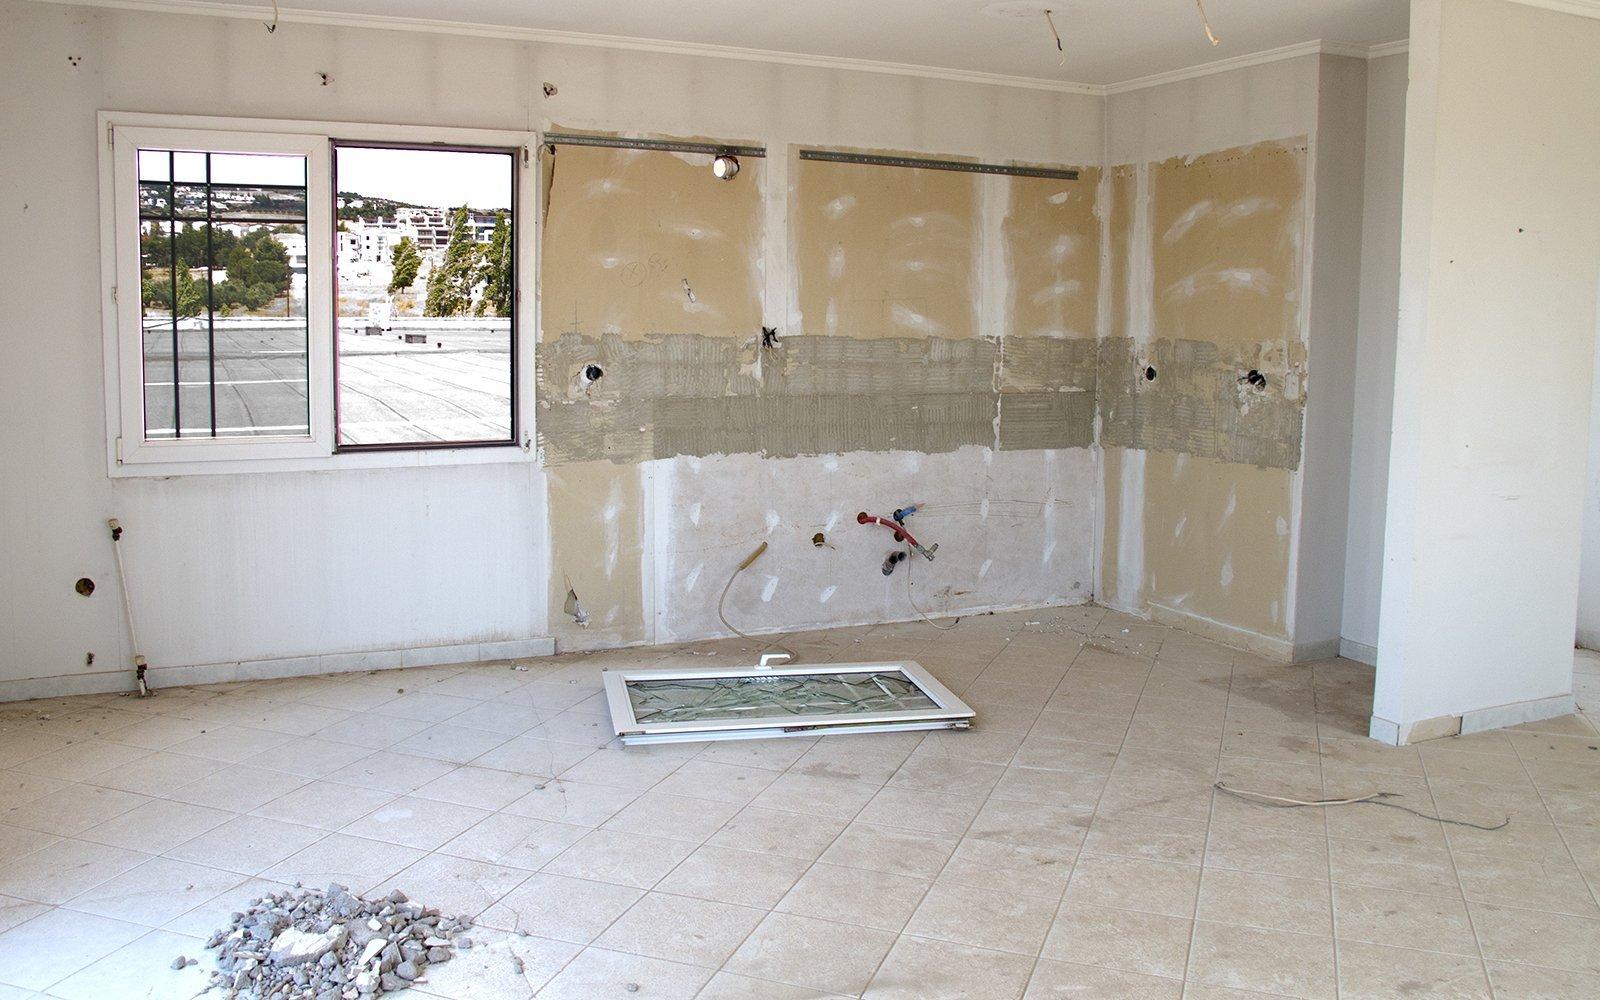 Camera in ristrutturazione